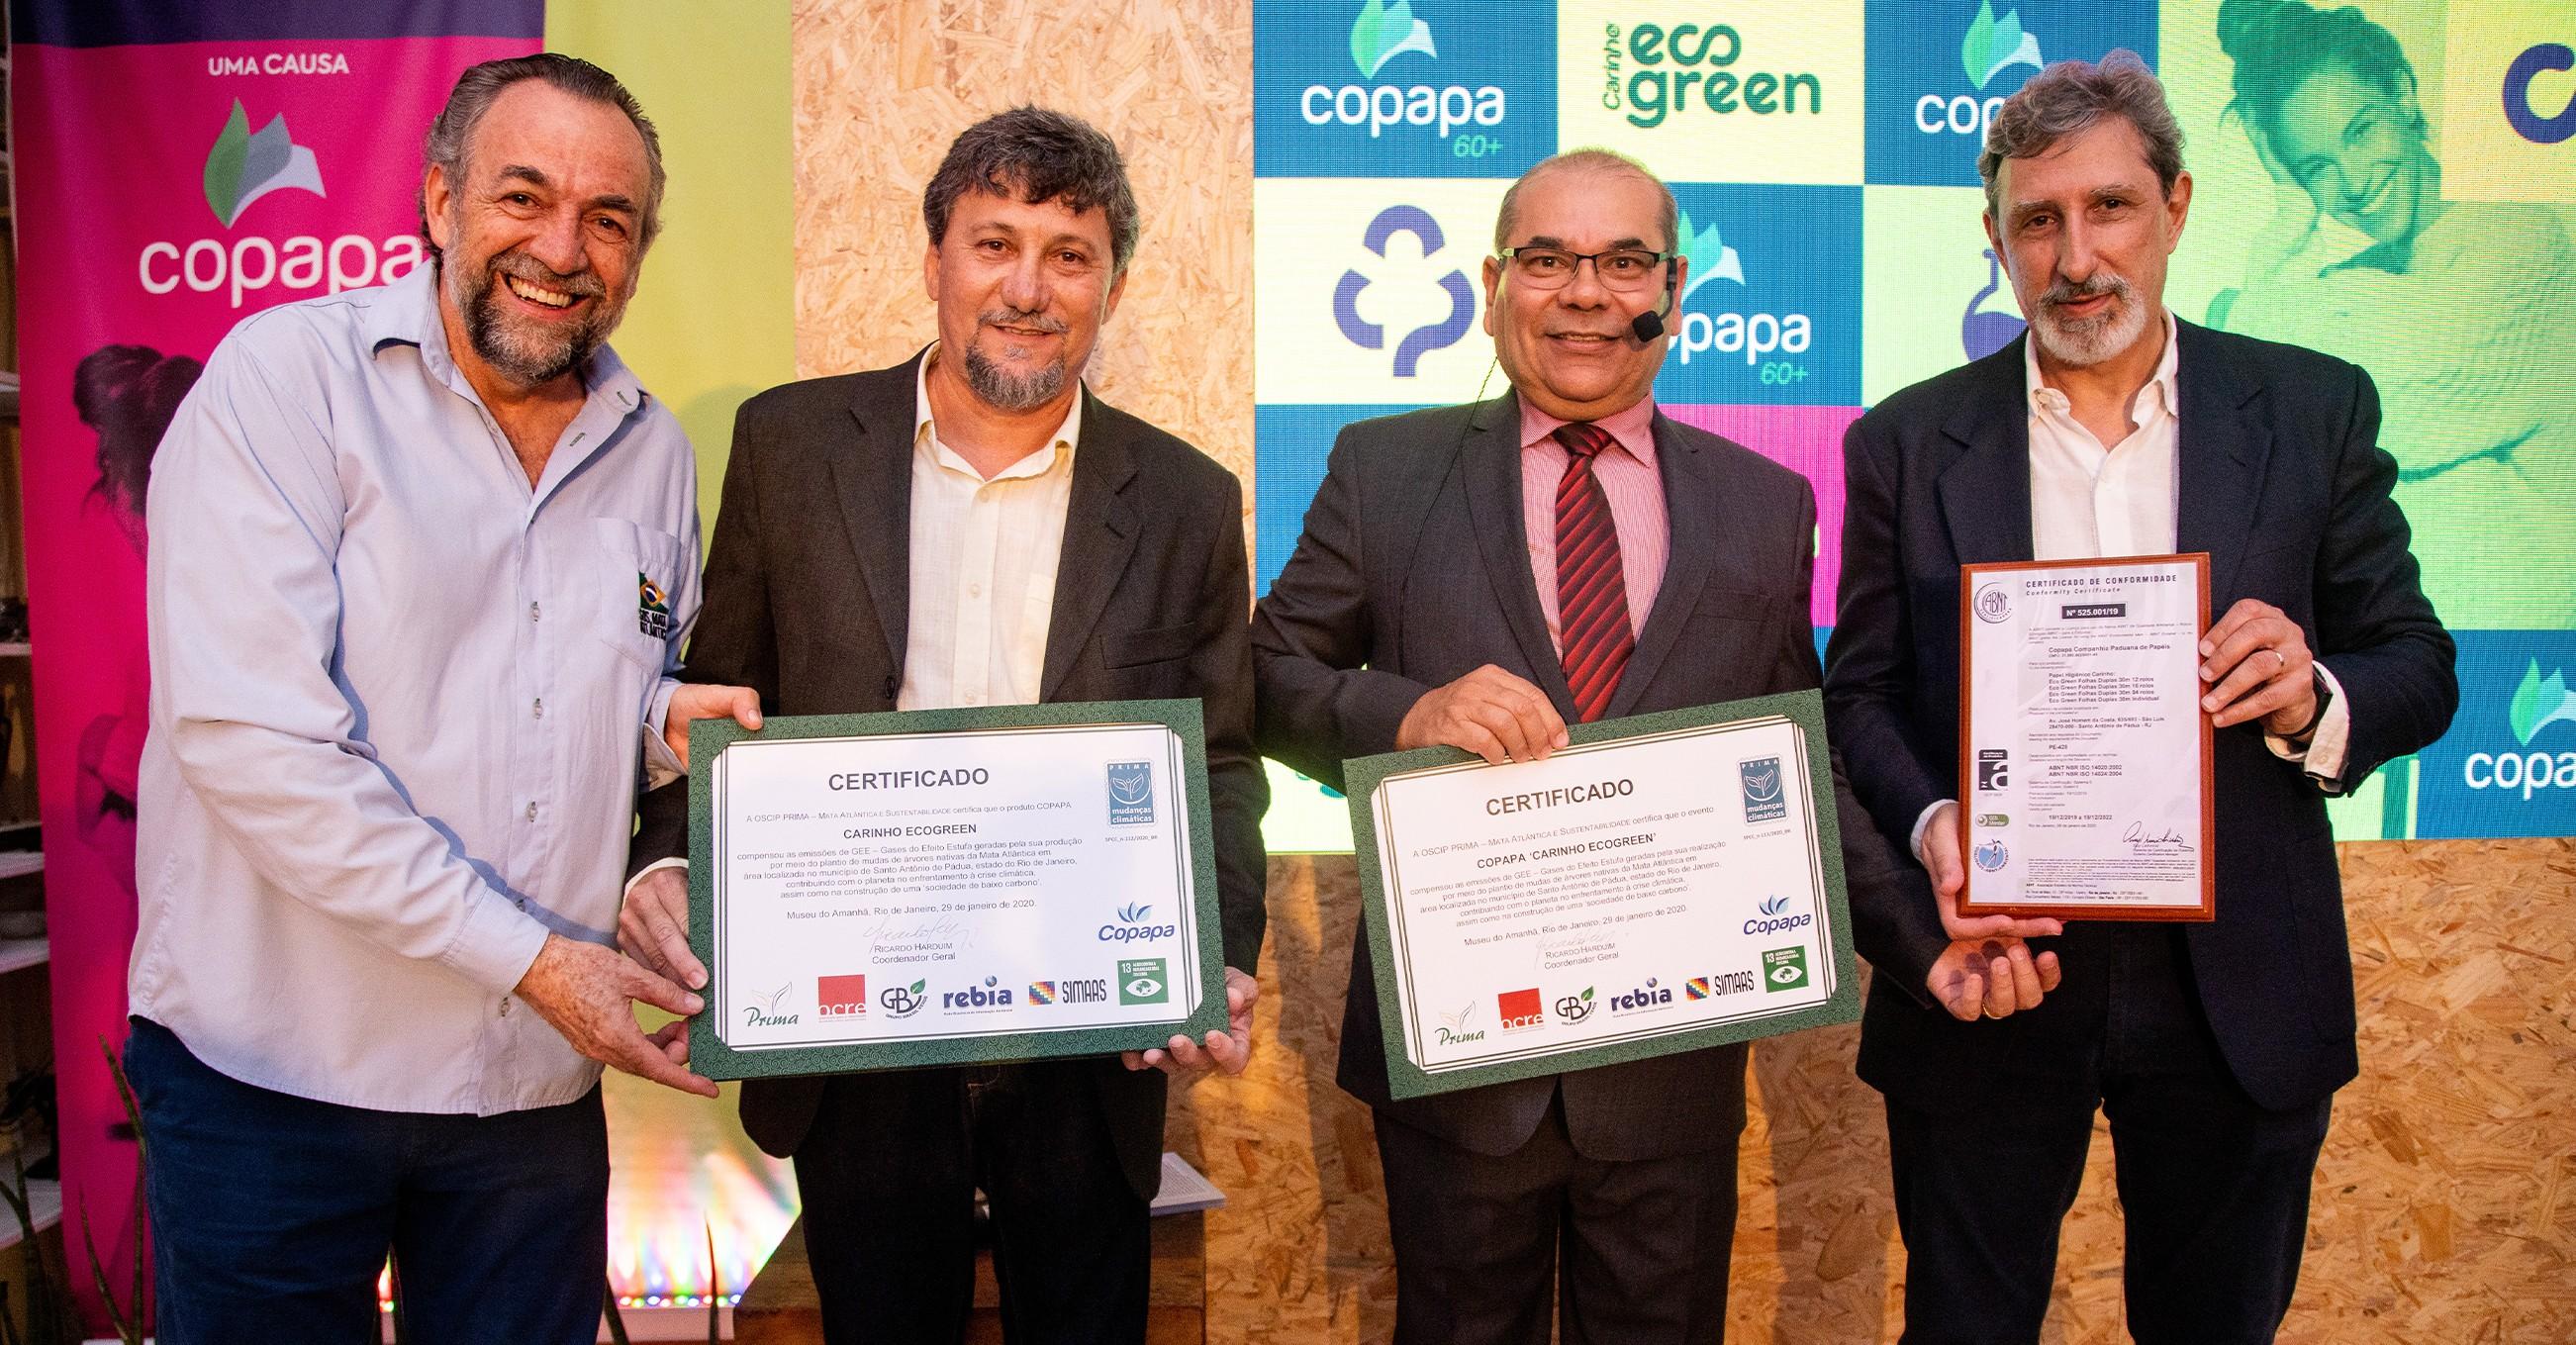 Copapa conquista o Rótulo Ecológico ABNT Ambiental